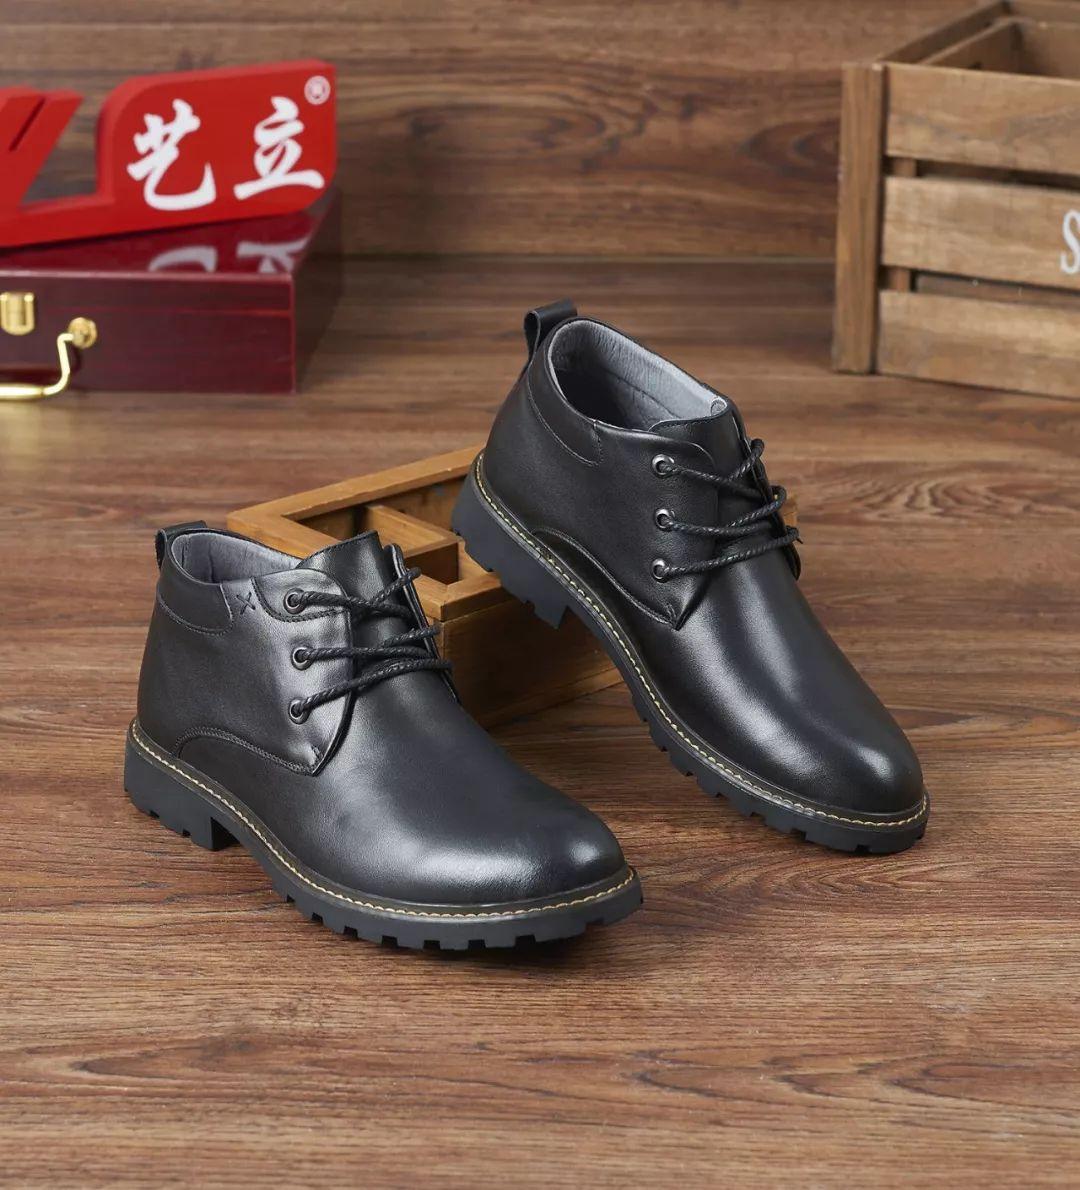 帅气男士商务时尚休闲皮鞋冬季上新啦!看这里,看这里!